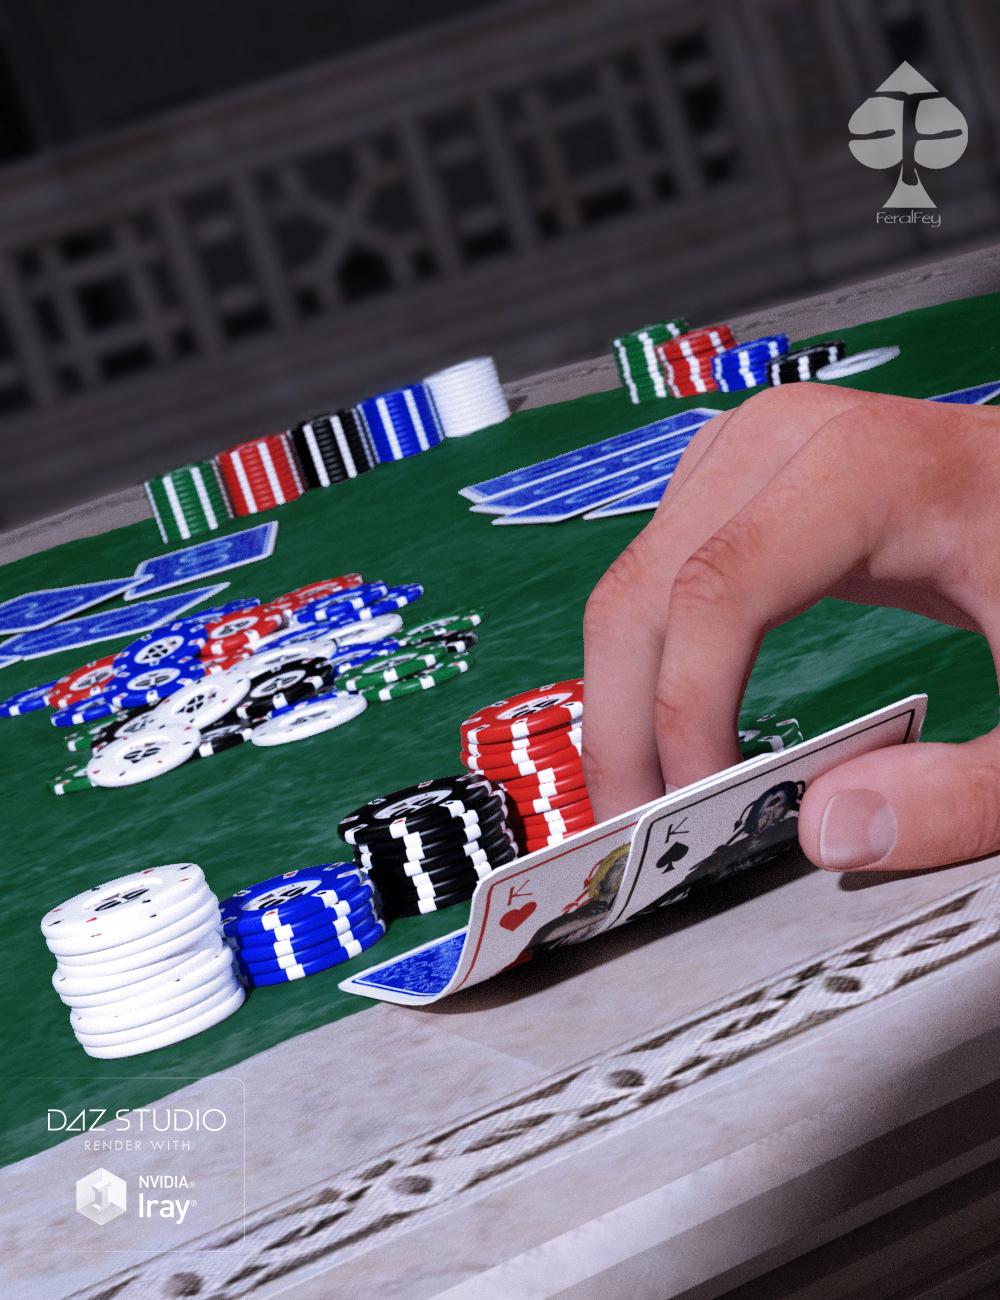 FeralFey's Poker Play by: FeralFey, 3D Models by Daz 3D